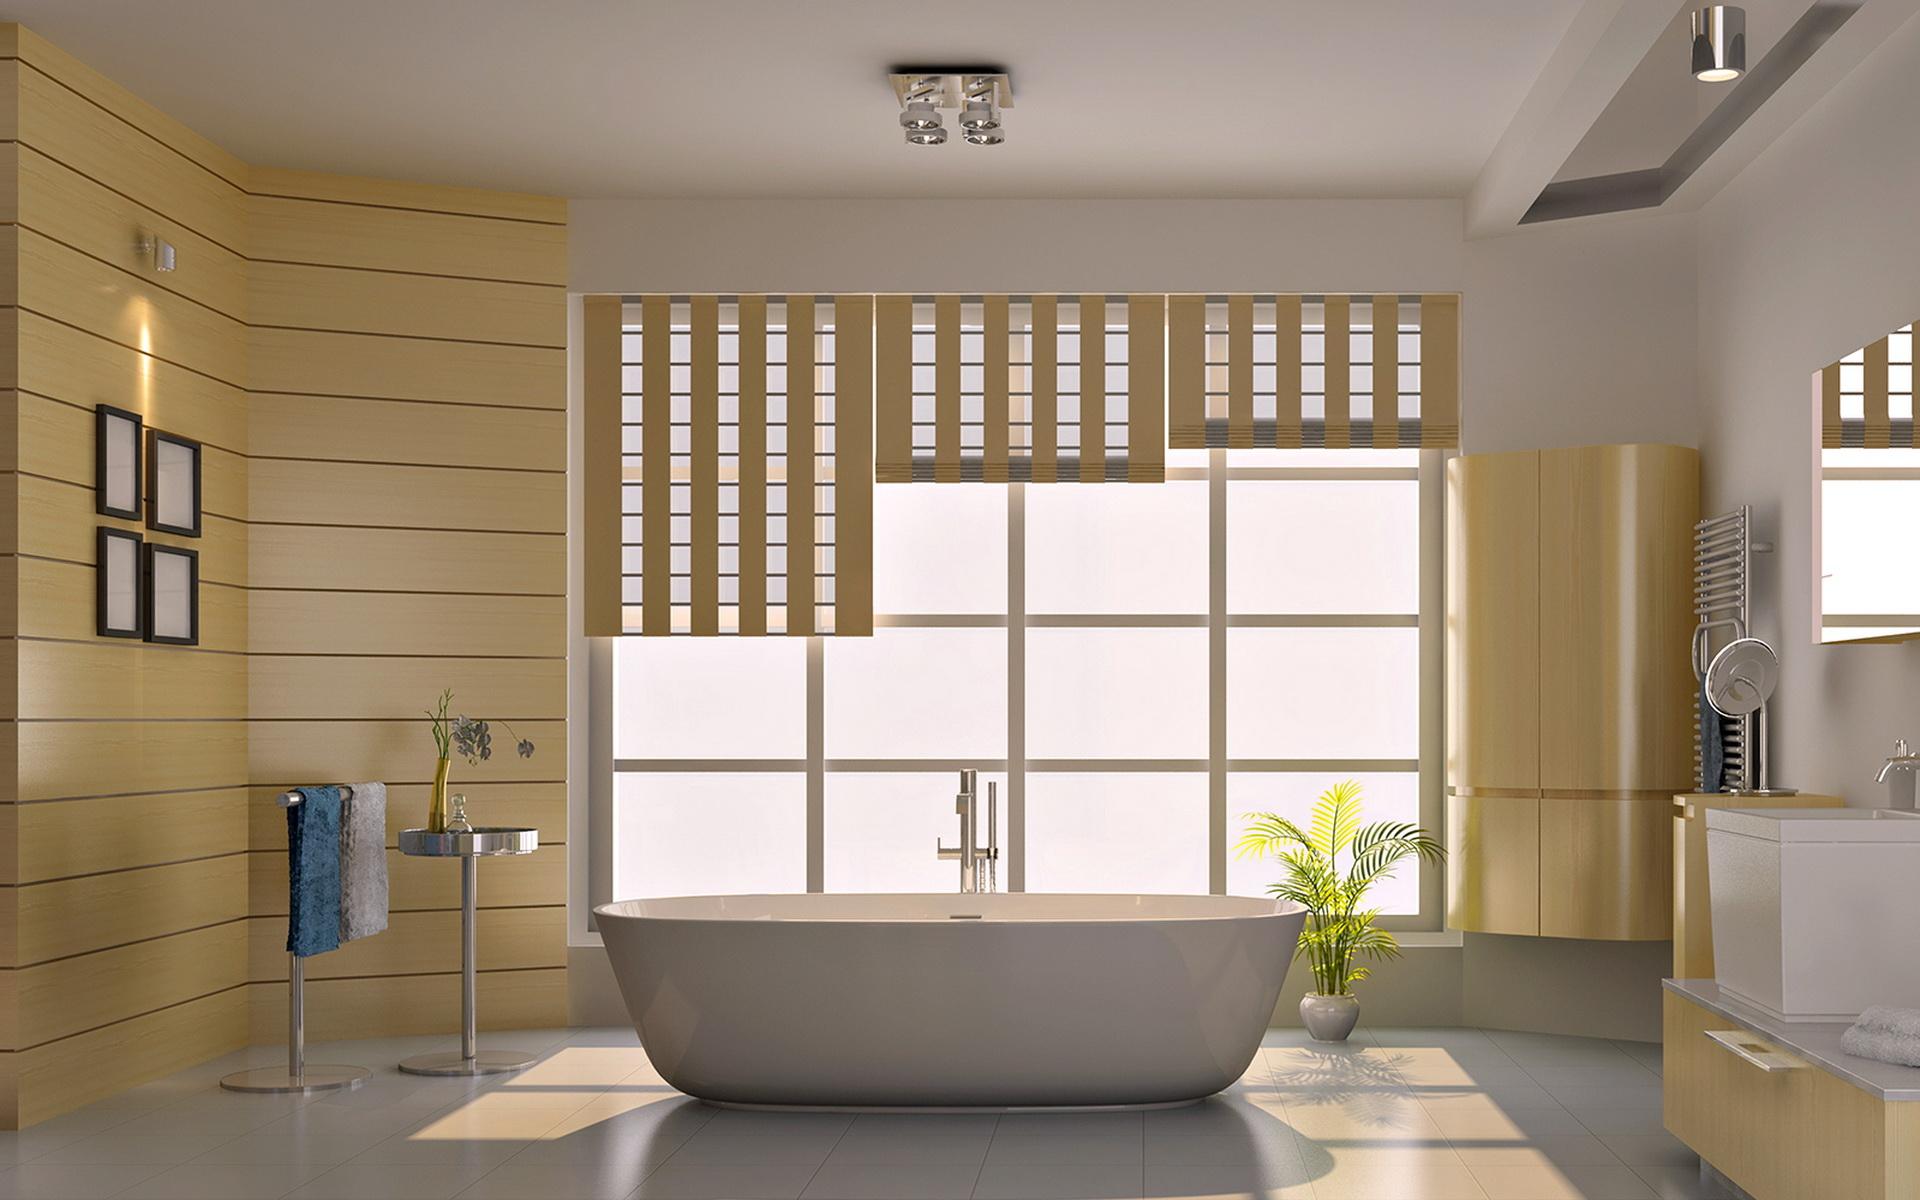 suya-dayanıklı-banyo-duvar-kağıdı Suya Dayanıklı Banyo Duvar Kağıdı Modelleri